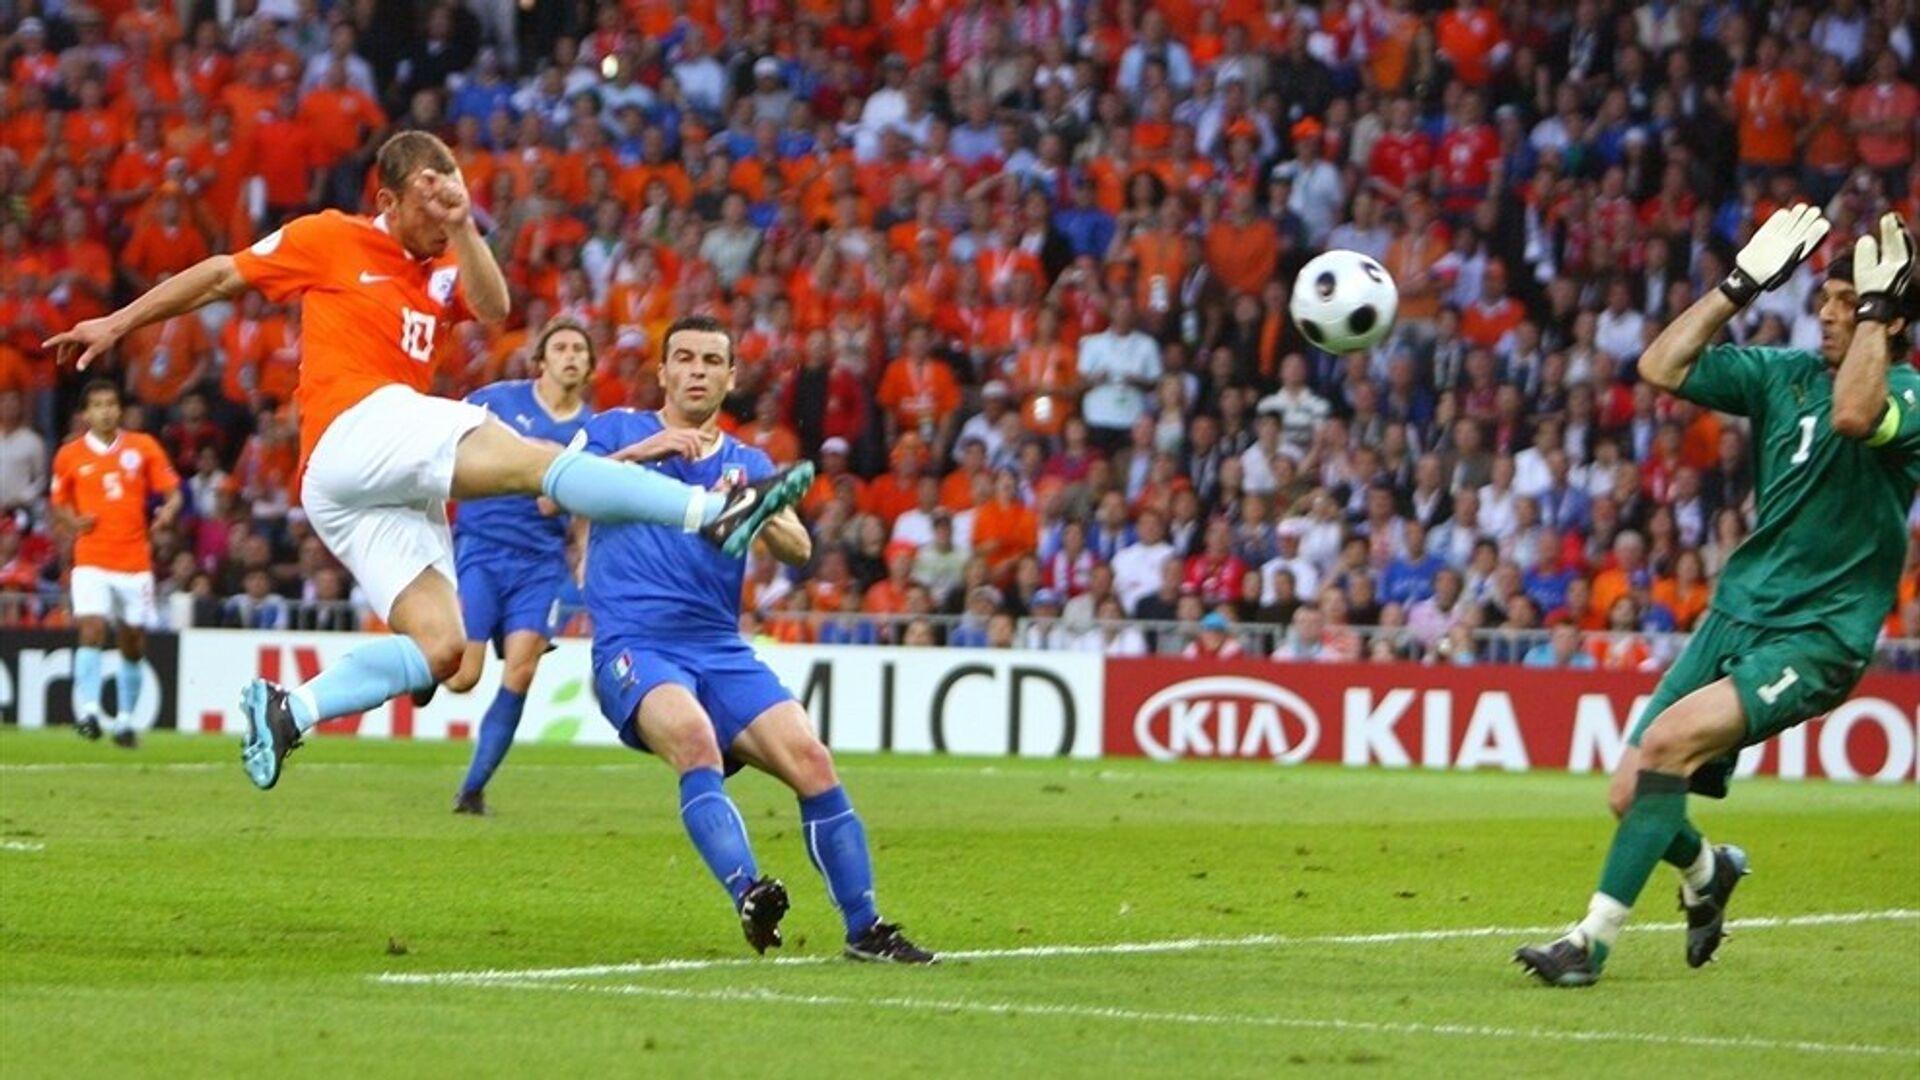 Уэсли Снейдер забивает Италии на ЕВРО-2008 - РИА Новости, 1920, 09.06.2020